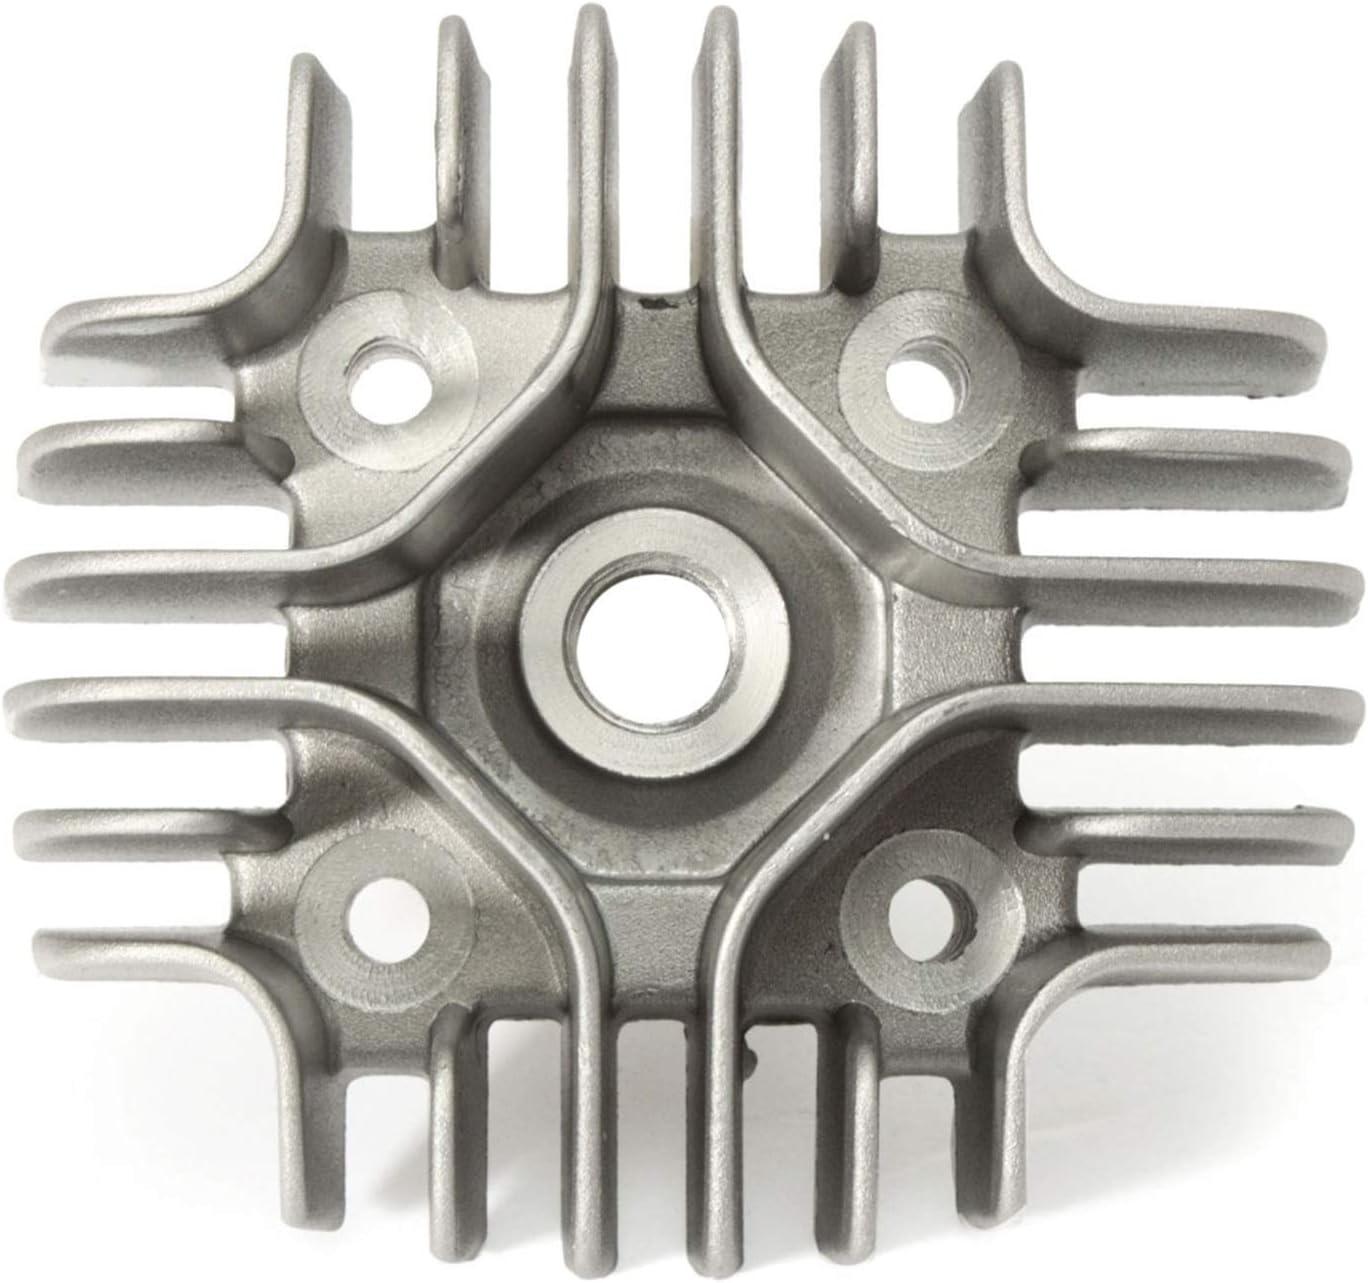 for Suzuki LT 50 87-06 Cylinder Kit Head Block Seat Piston Ring Washer LT50 Silver